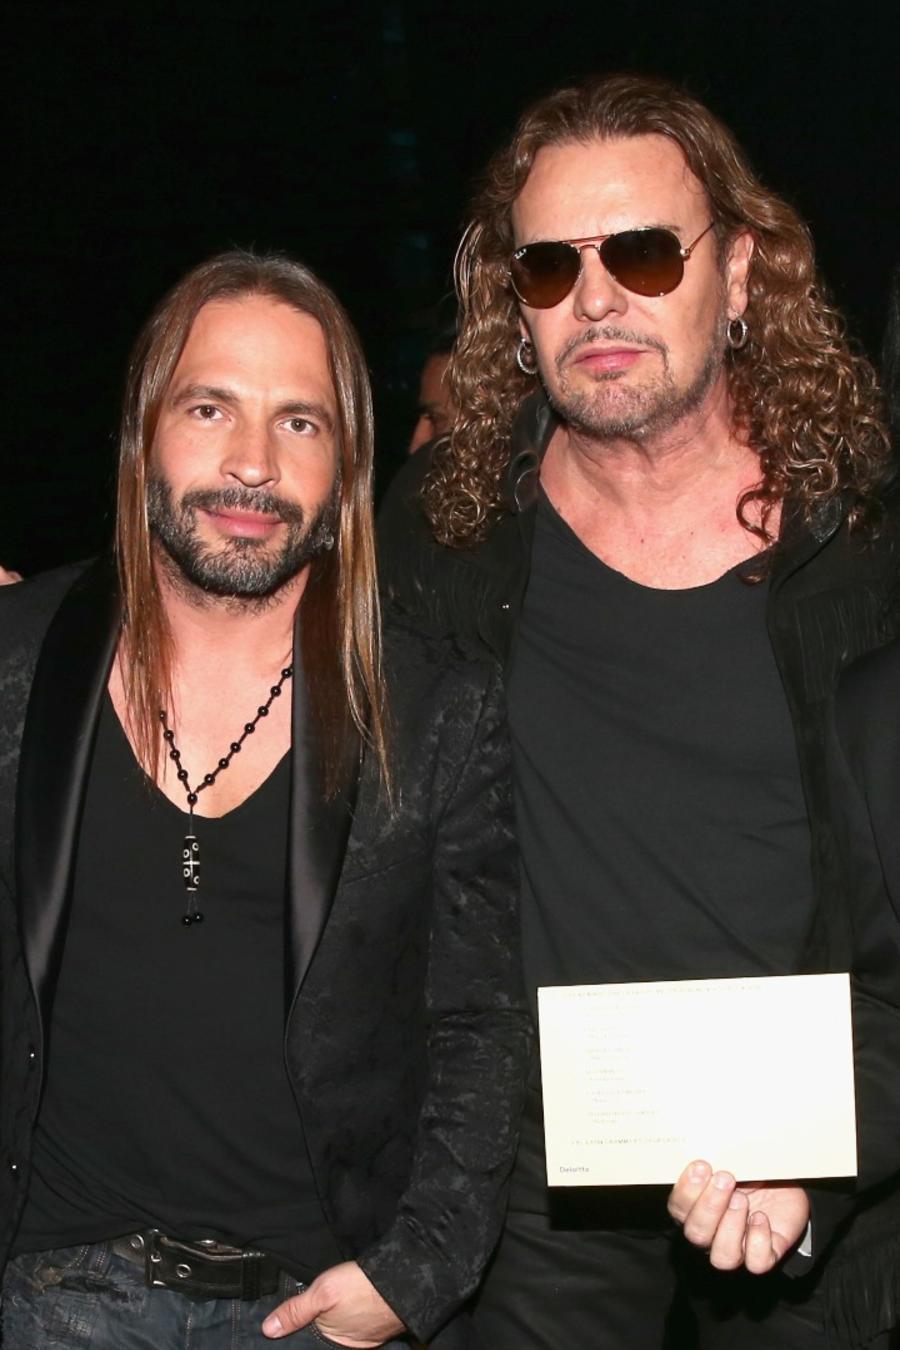 Mana at the Latin Grammy Awards